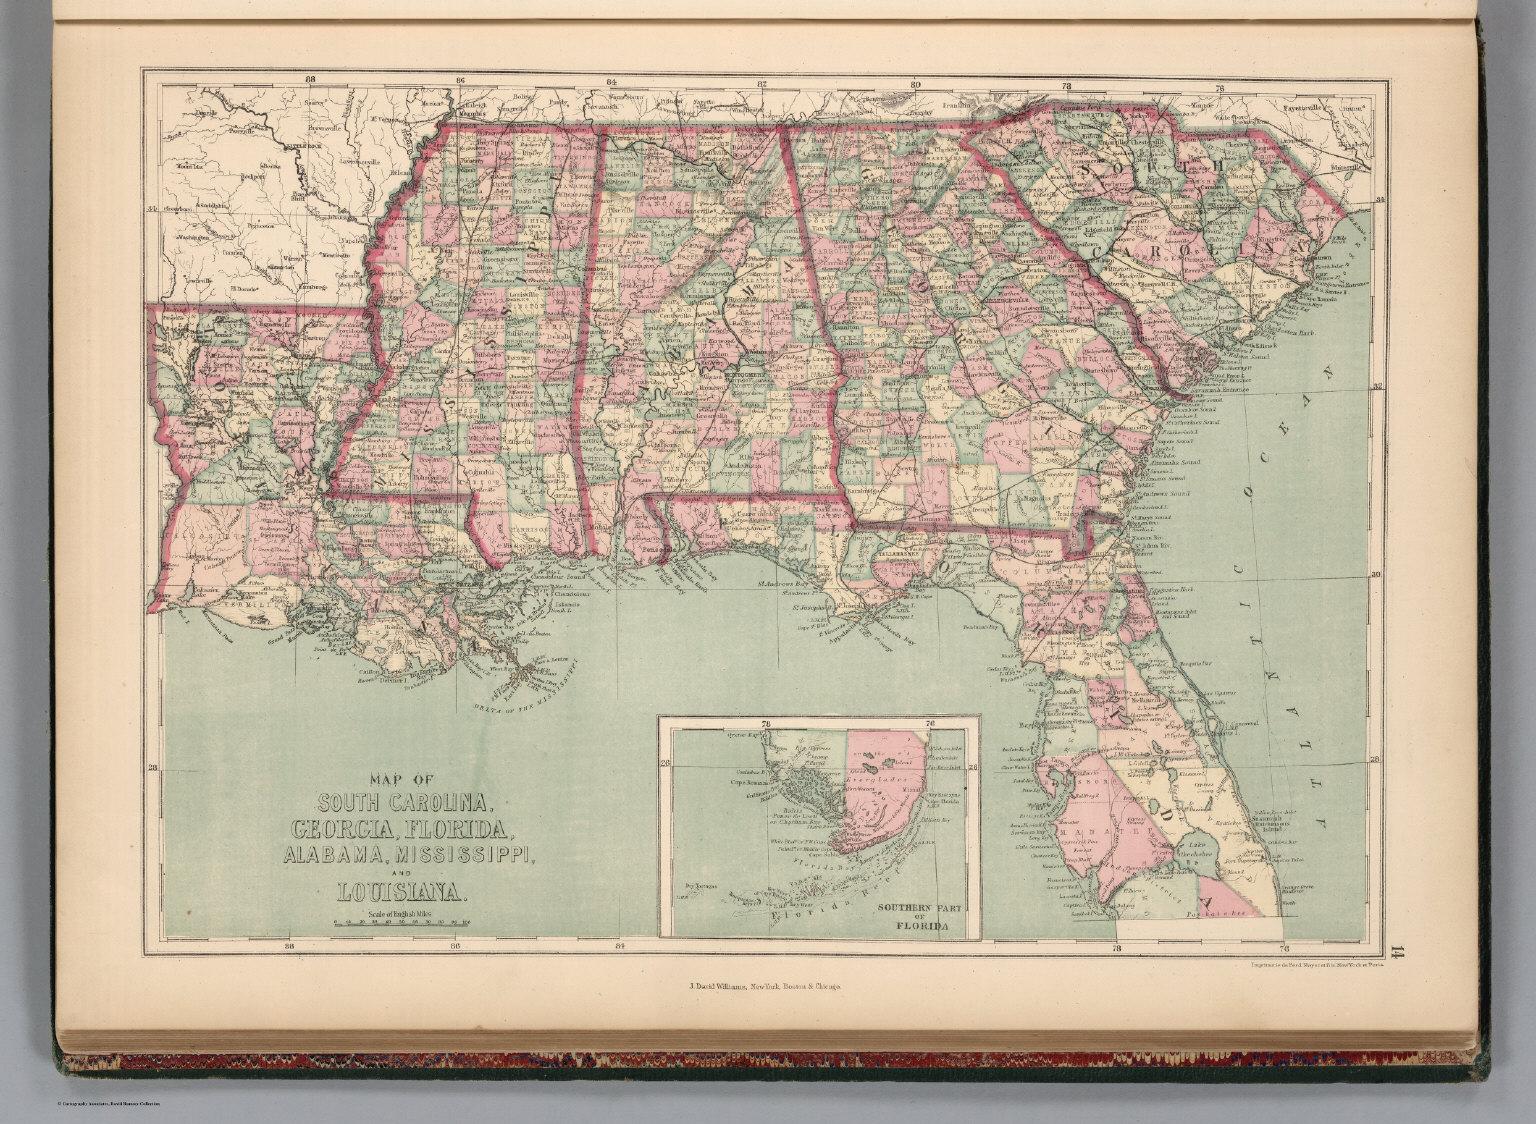 South Carolina Georgia Florida Alabama Mississippi And